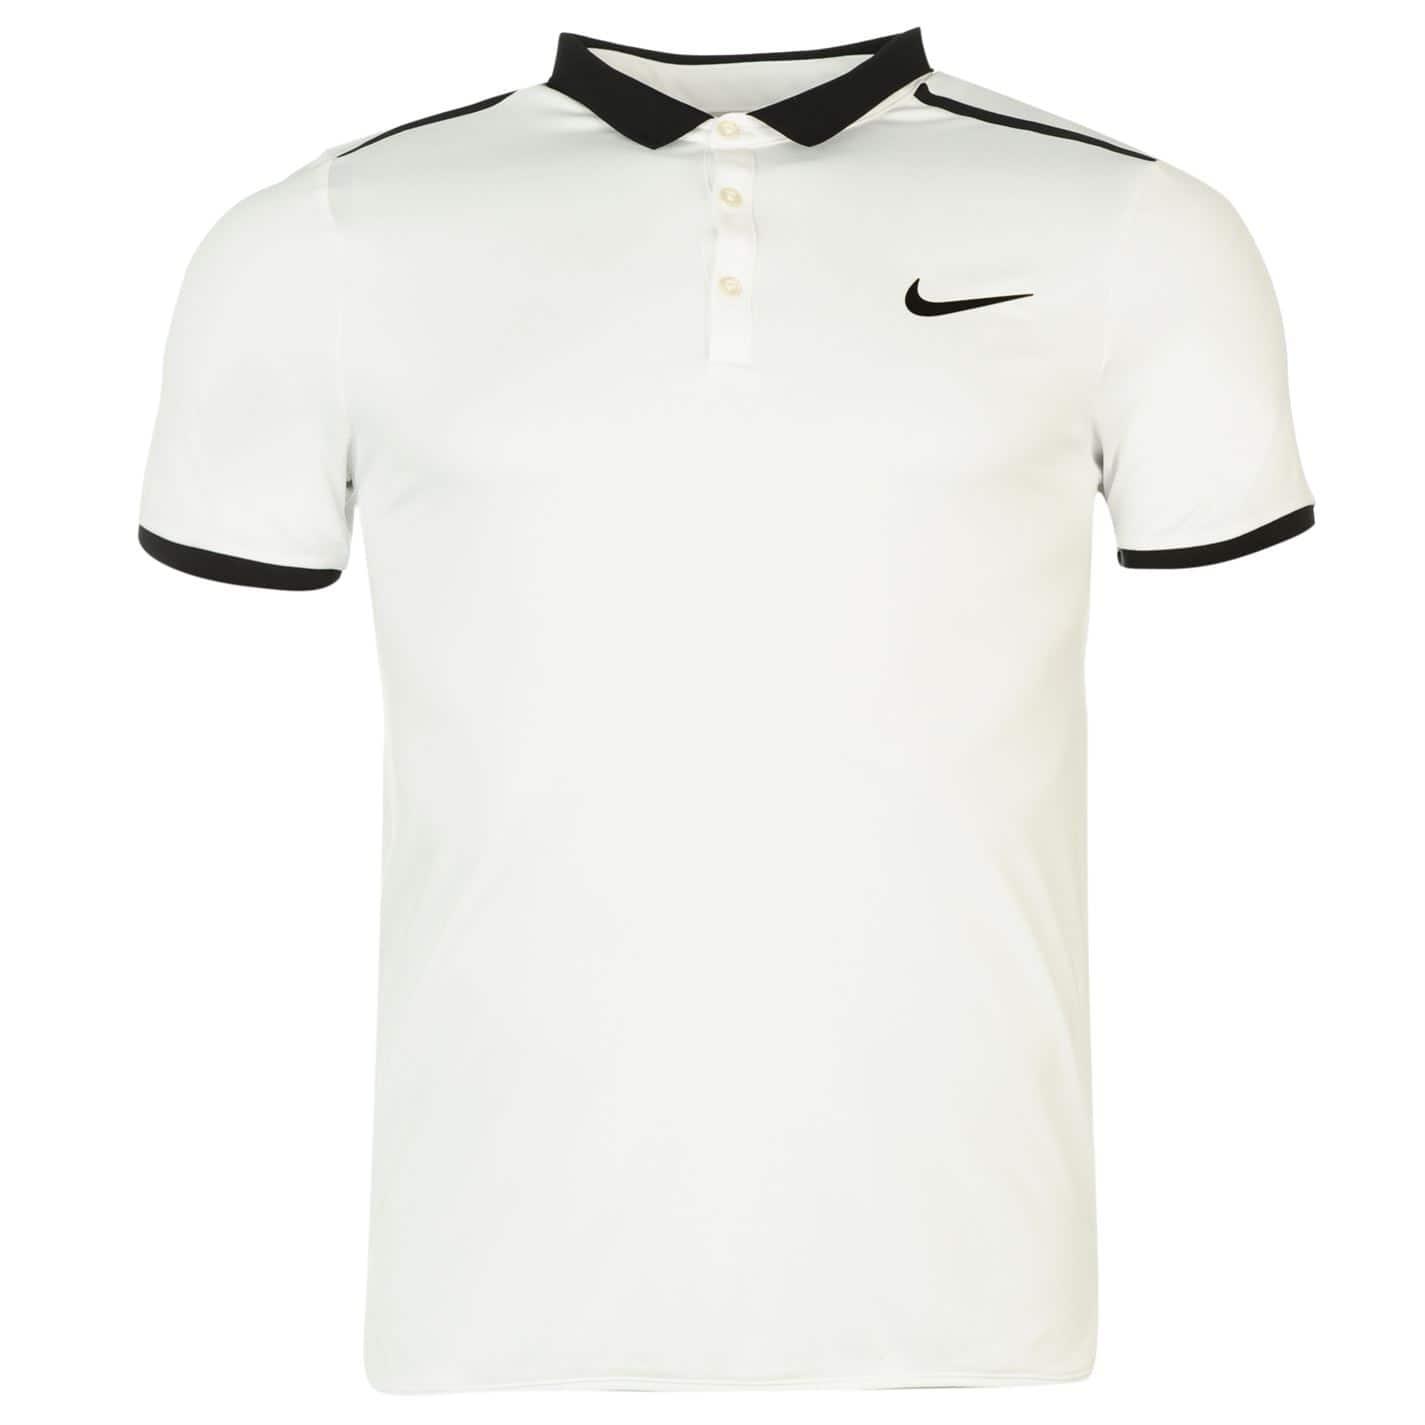 Nike Advanced Solid Tennis Polo Mens